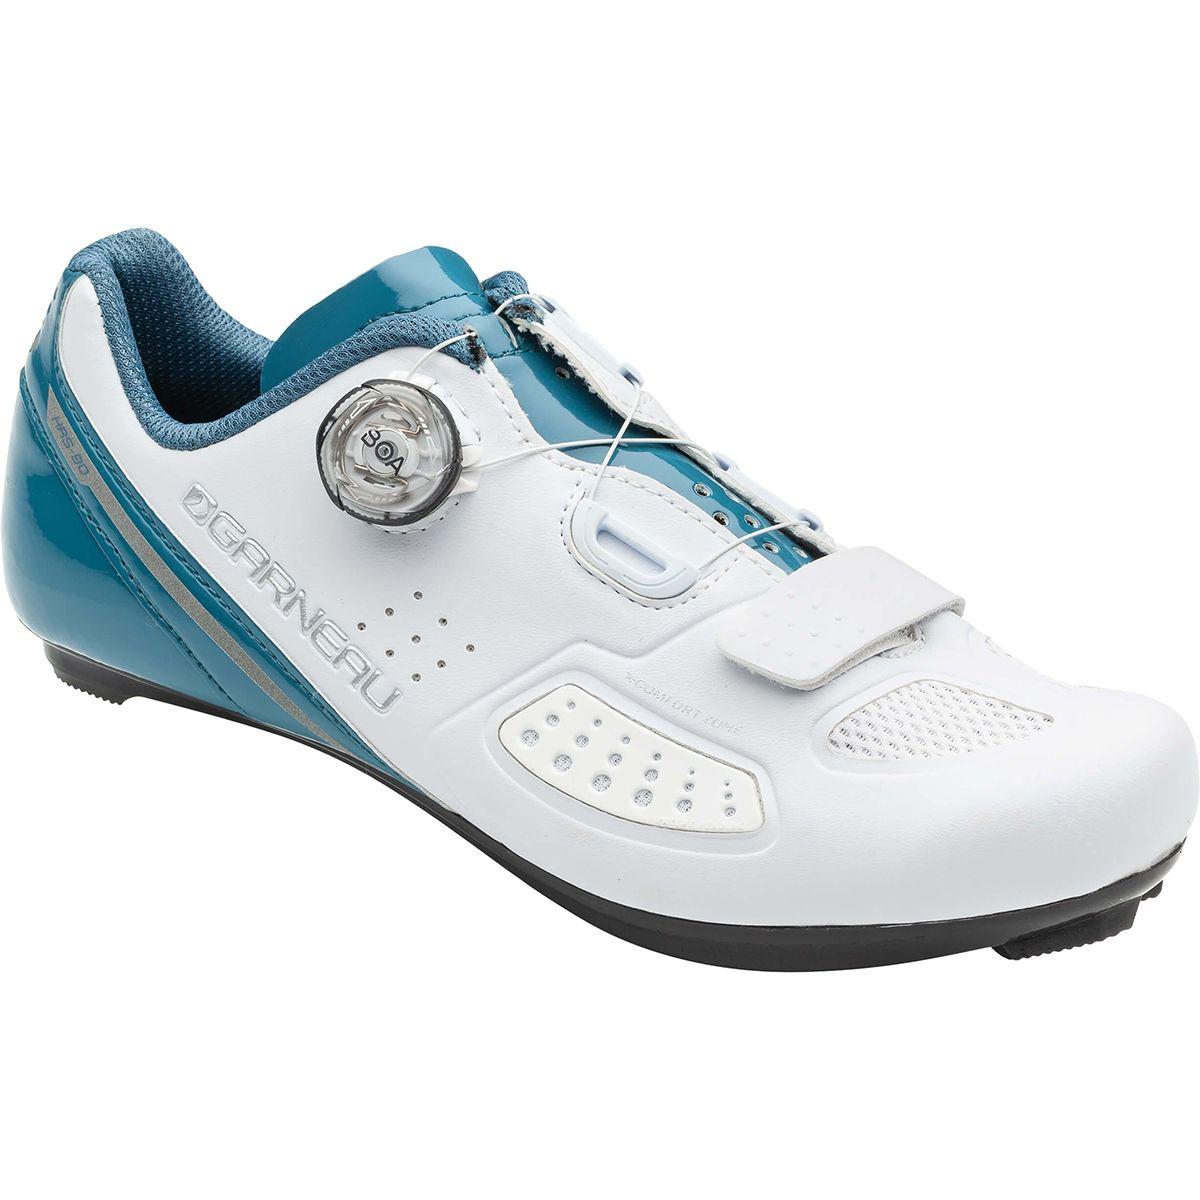 Garneau Carbon LS100 II Cycling Shoe Mens Cycling 46 EU Black